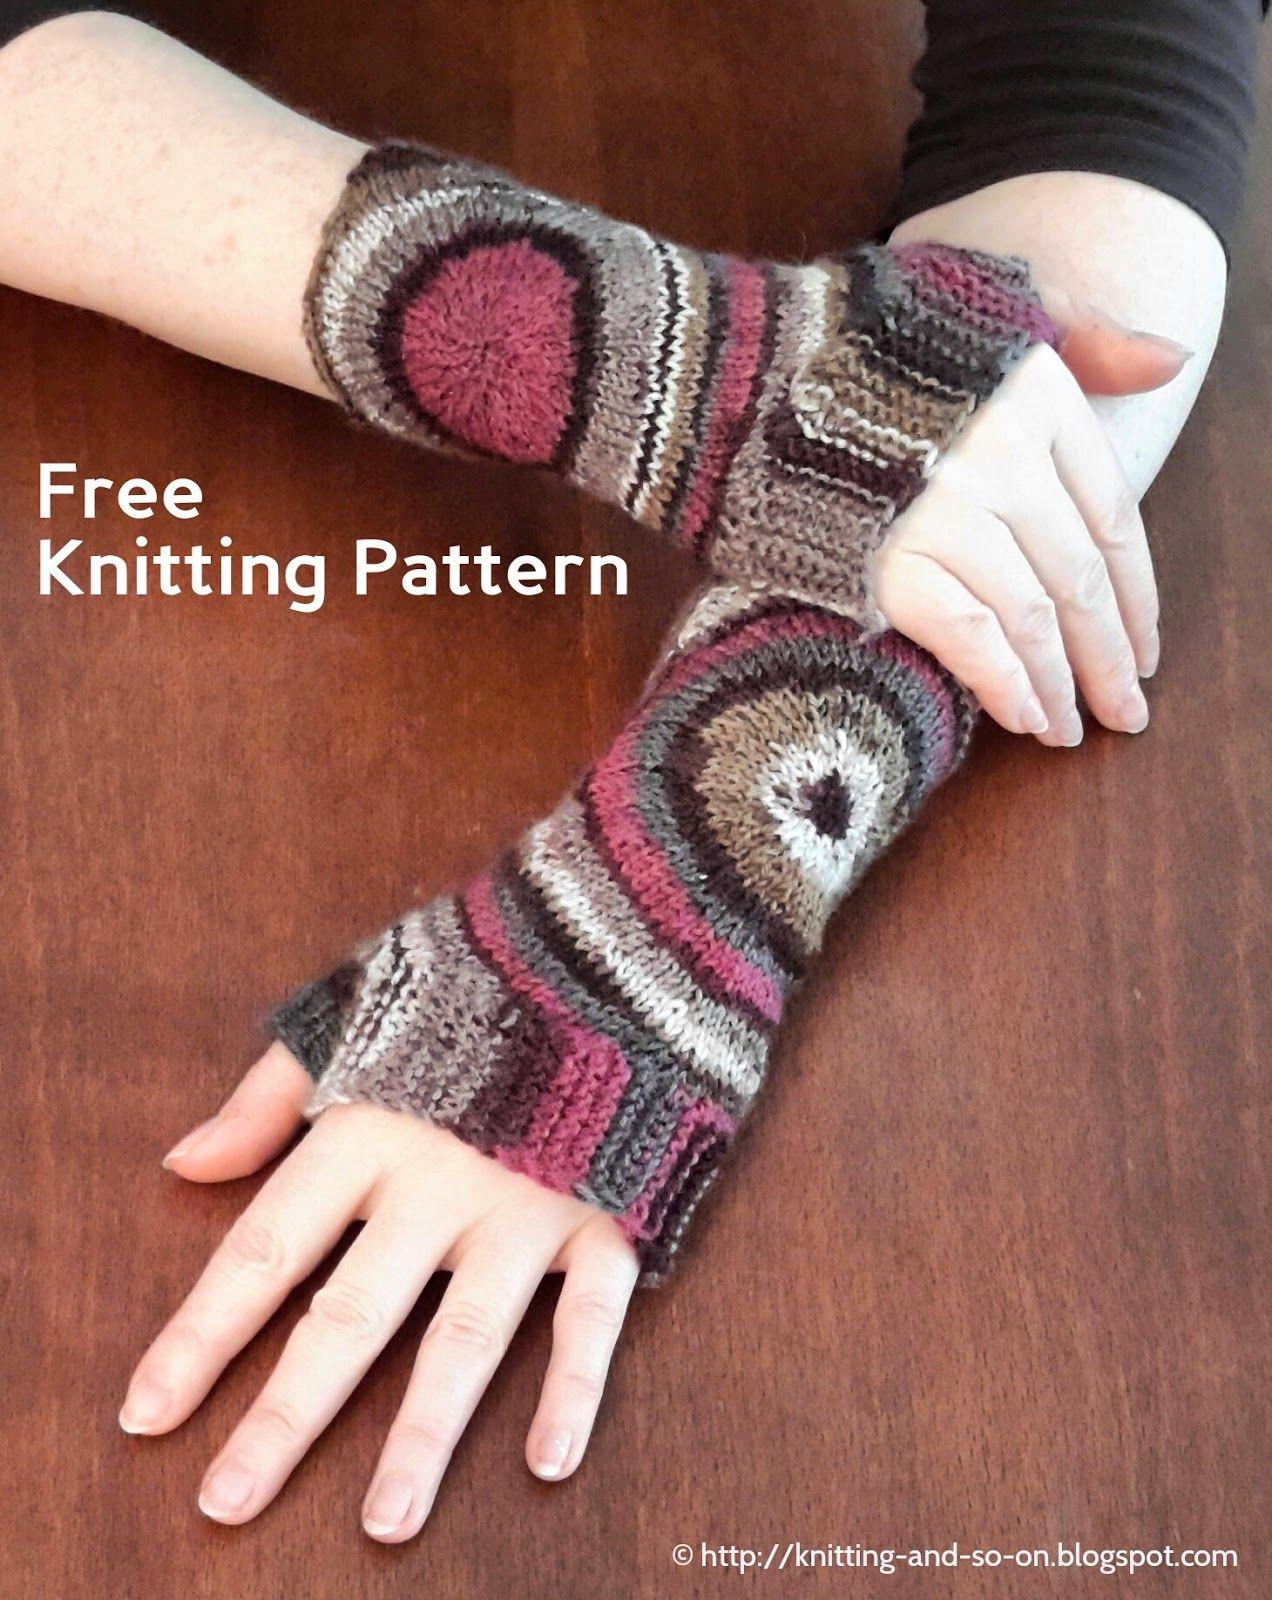 Driving gloves knitting pattern - Fingerless Gloves Free Knitting Pattern Free Knitting Pattern Zoom Out Fingerless Gloves